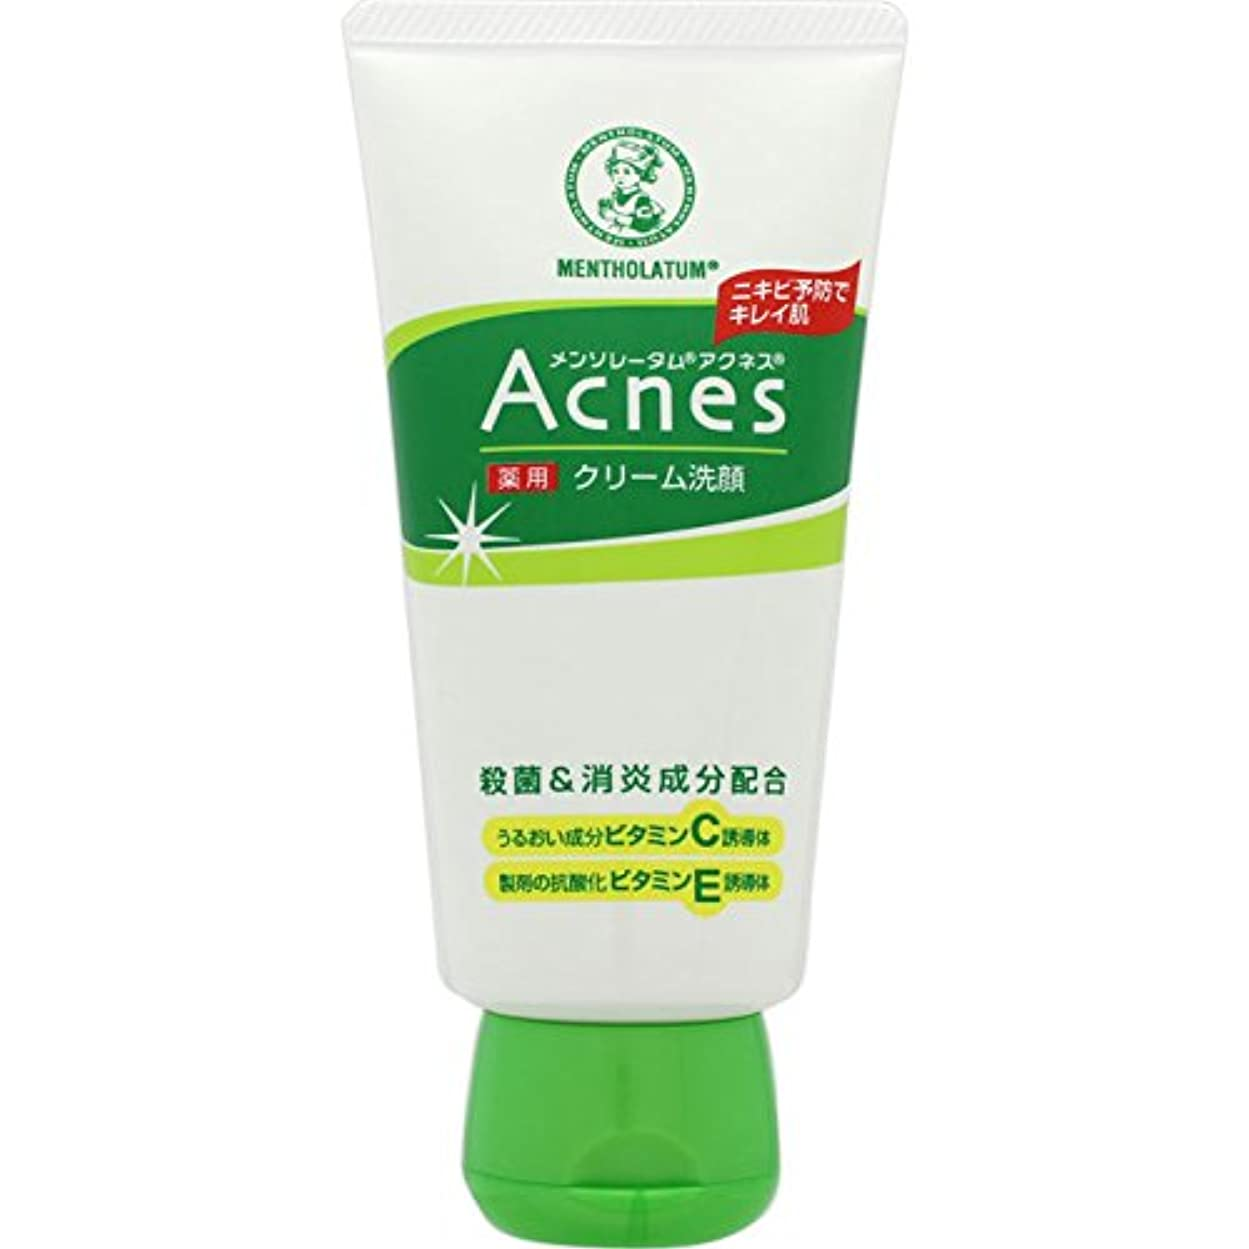 アクネス 薬用クリーム洗顔 130g【医薬部外品】